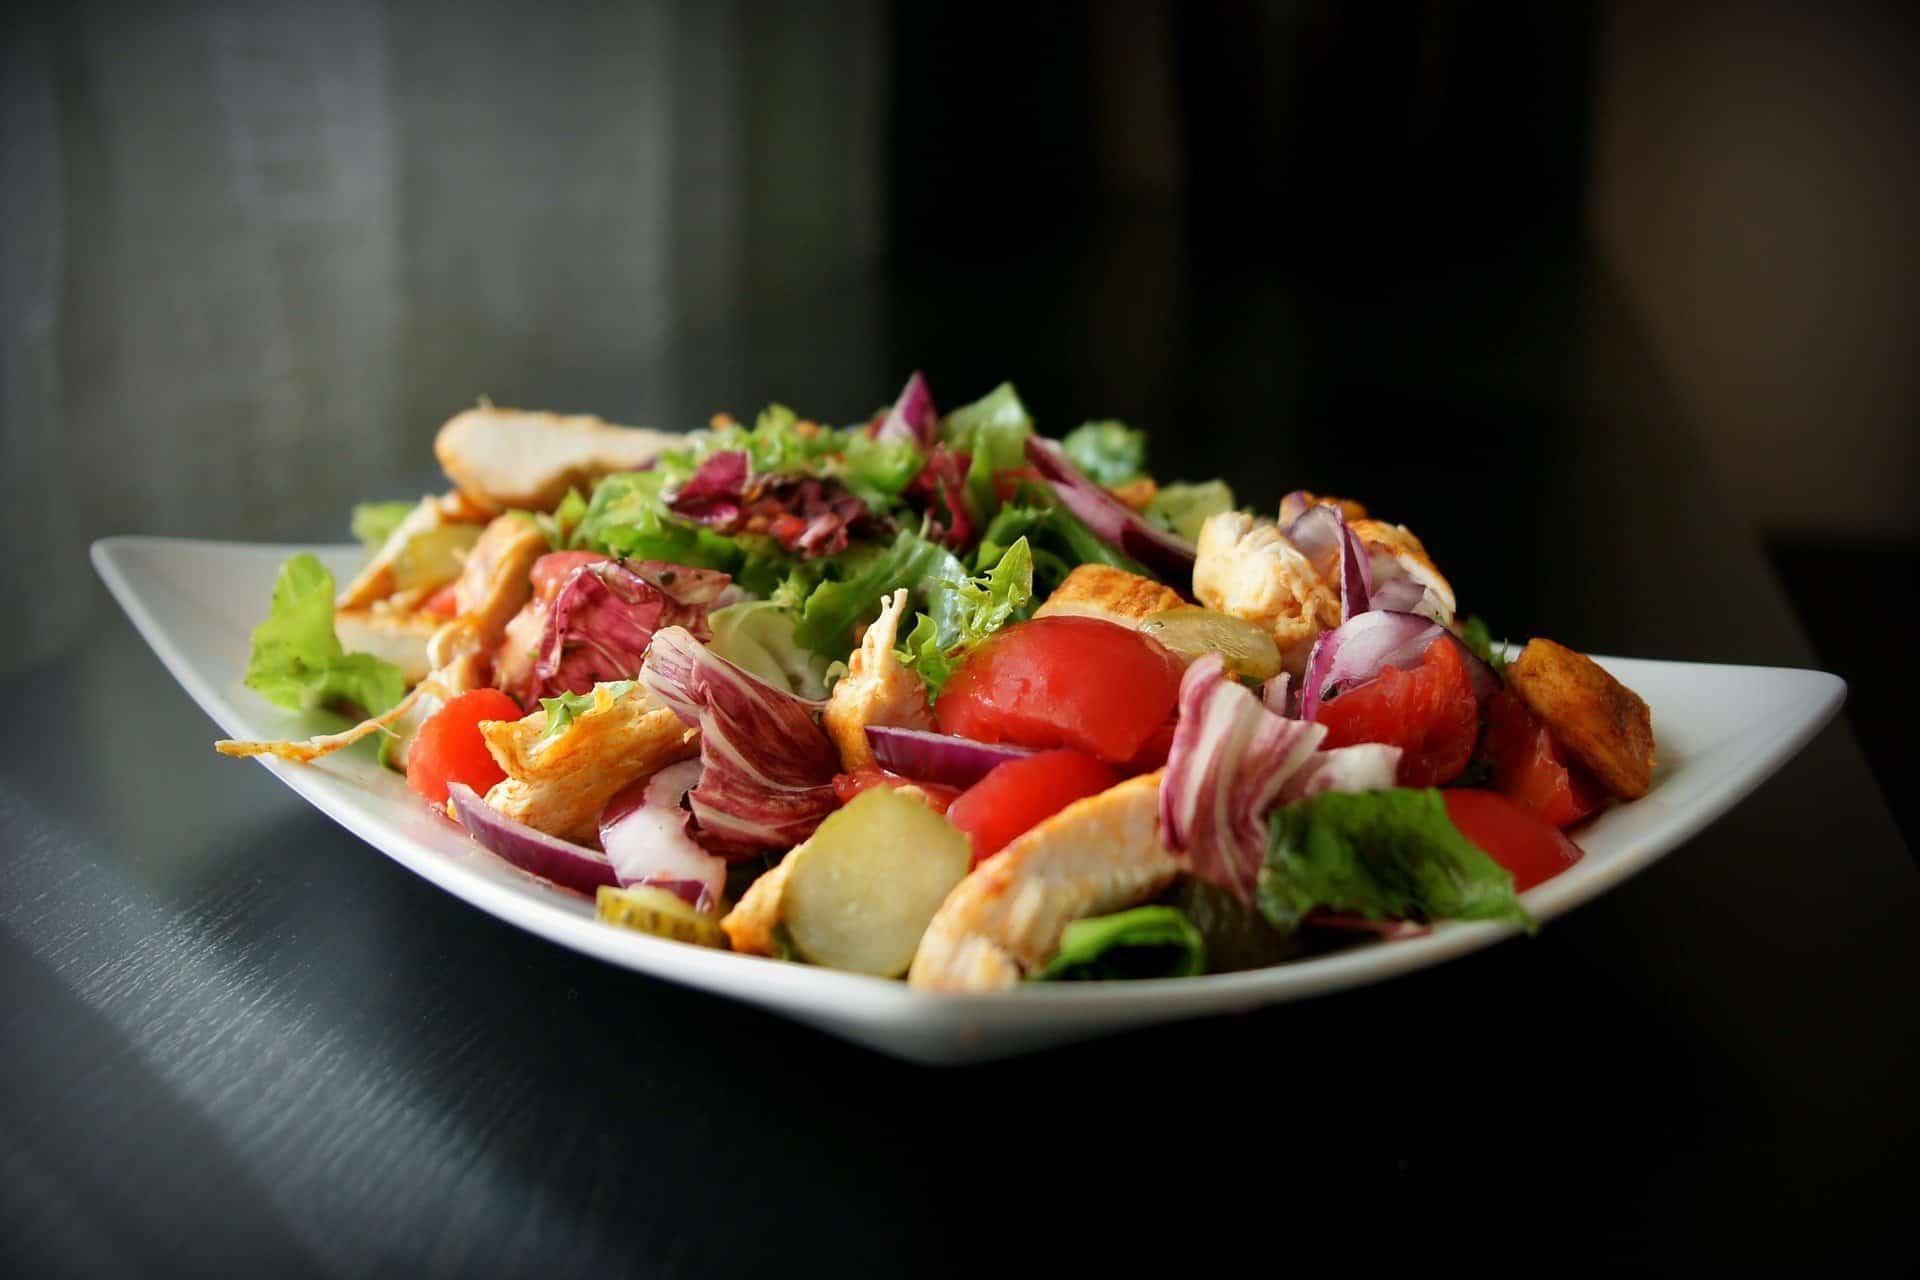 manger sainement et équilibrer ses assiettes